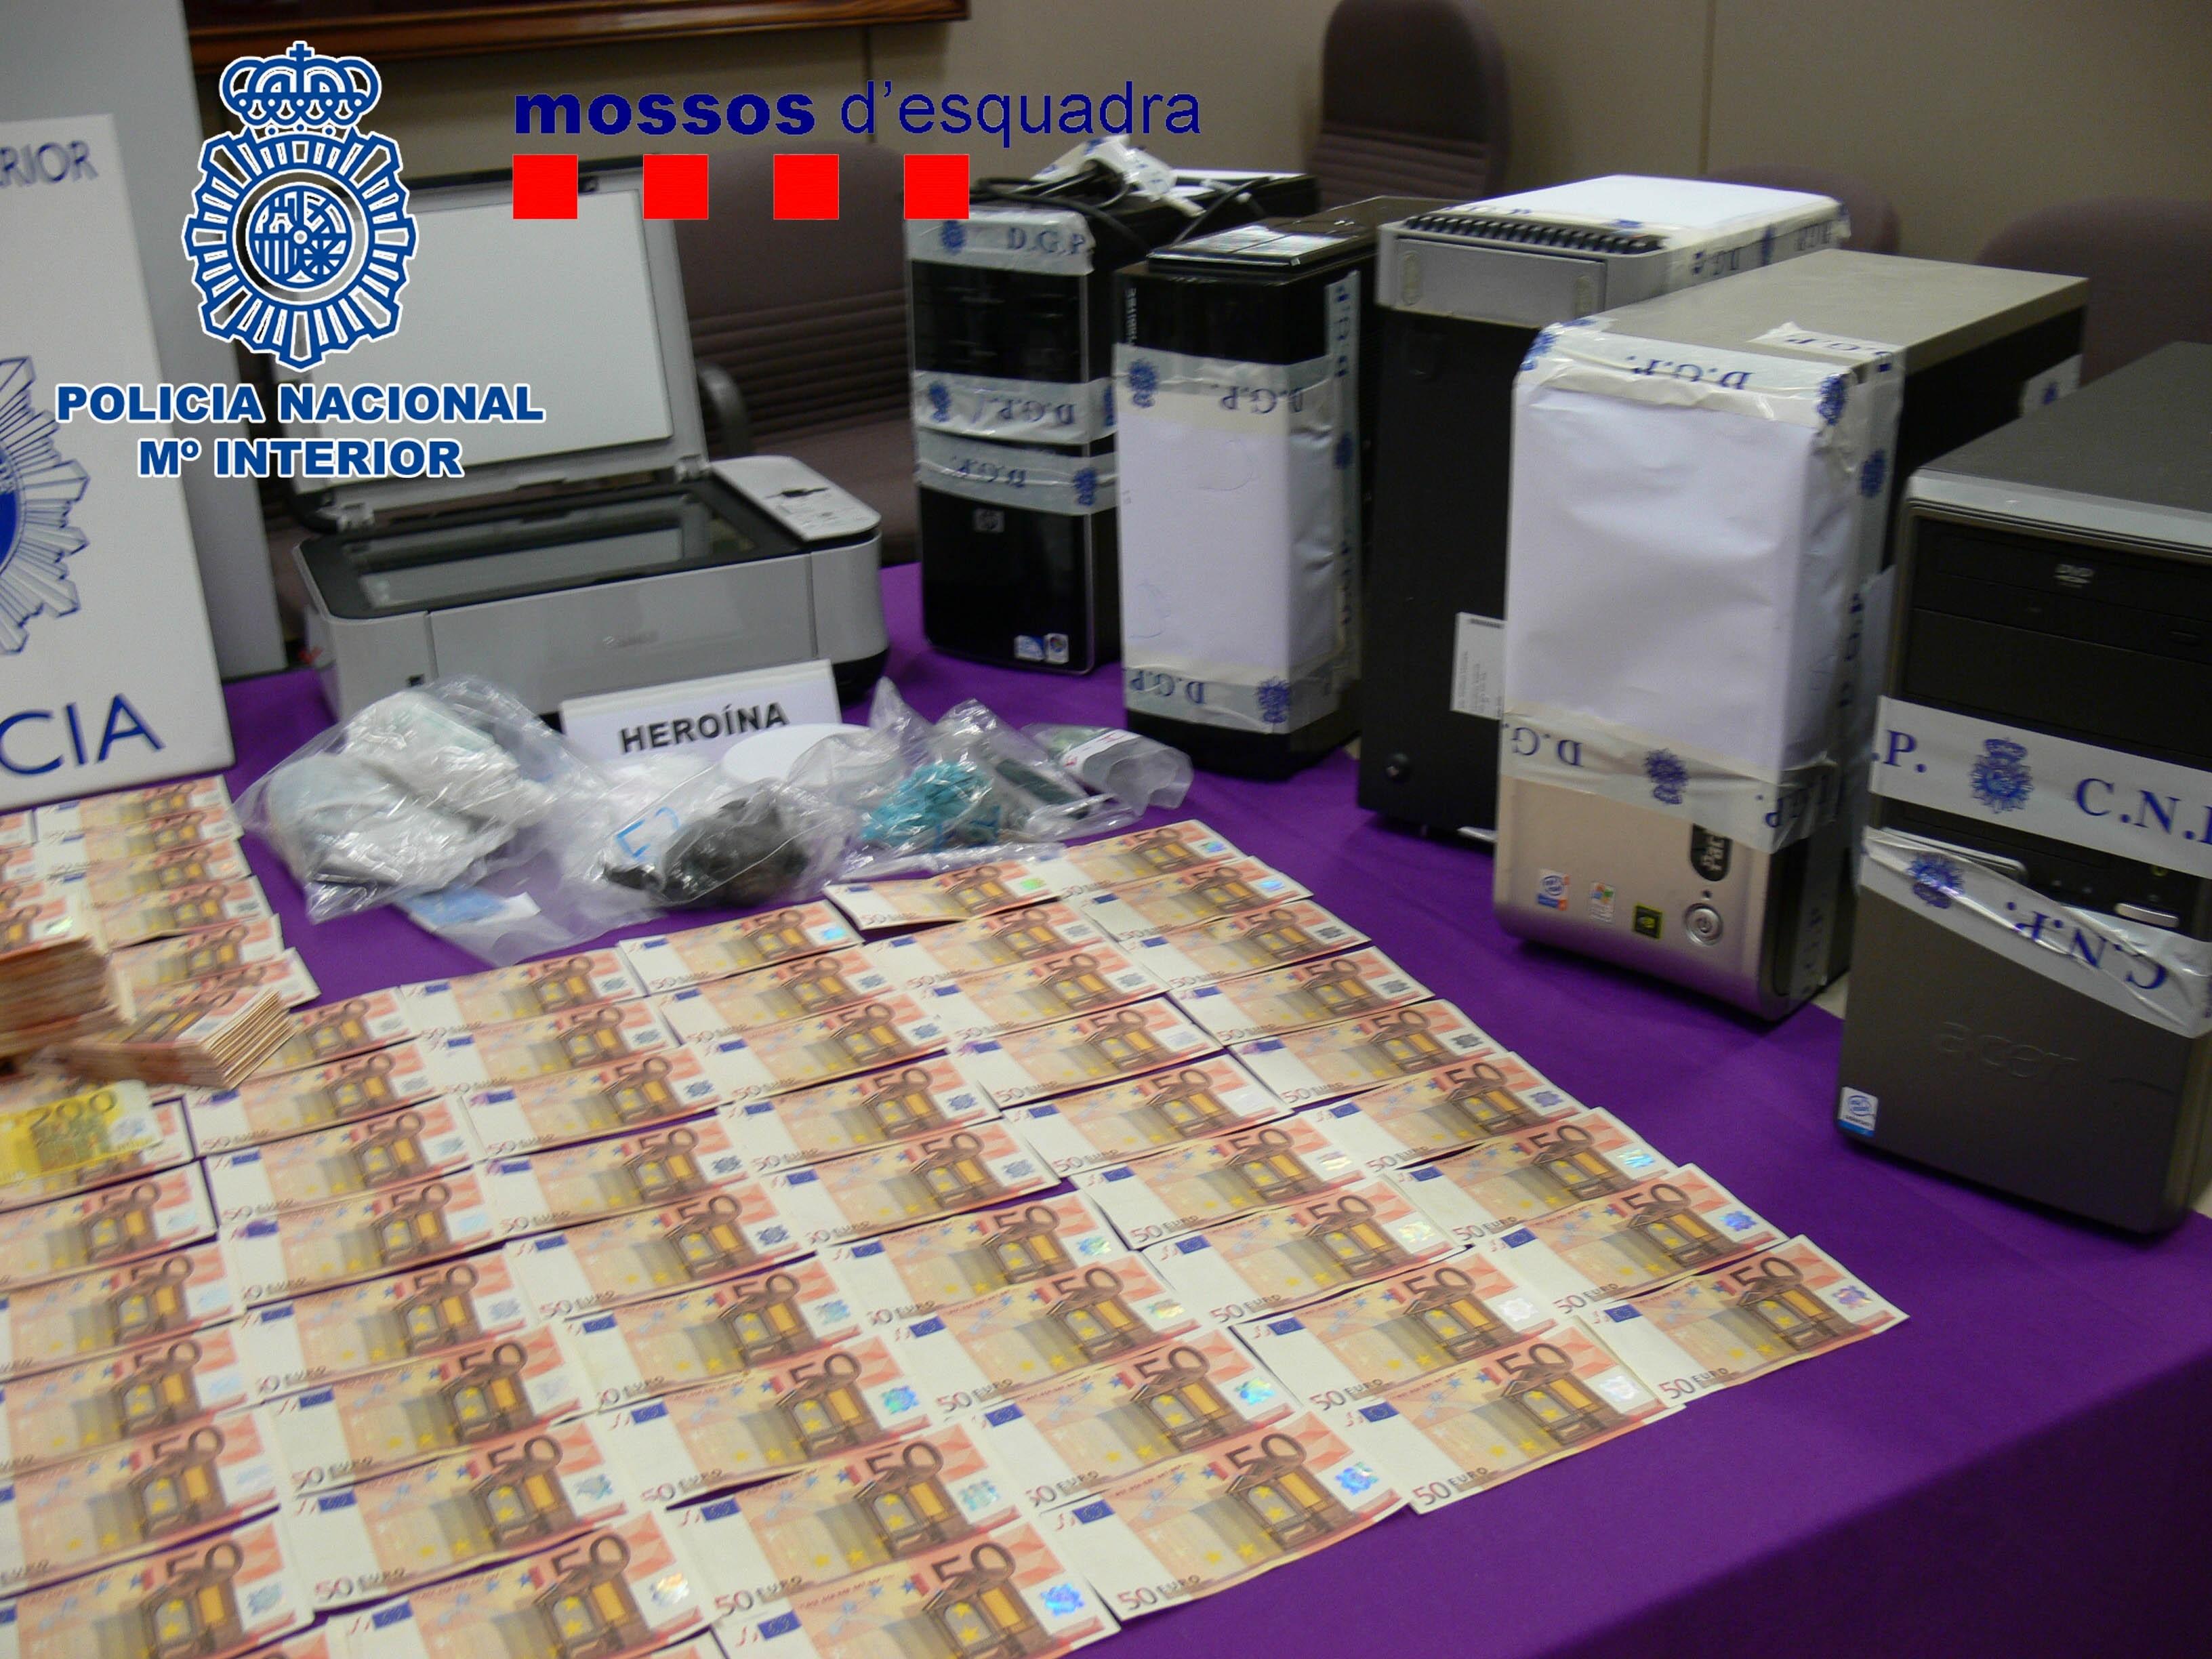 La Policía aconseja comprobar en los billetes de 50 euros el holograma, el valor facial y las impresiones calcográficas